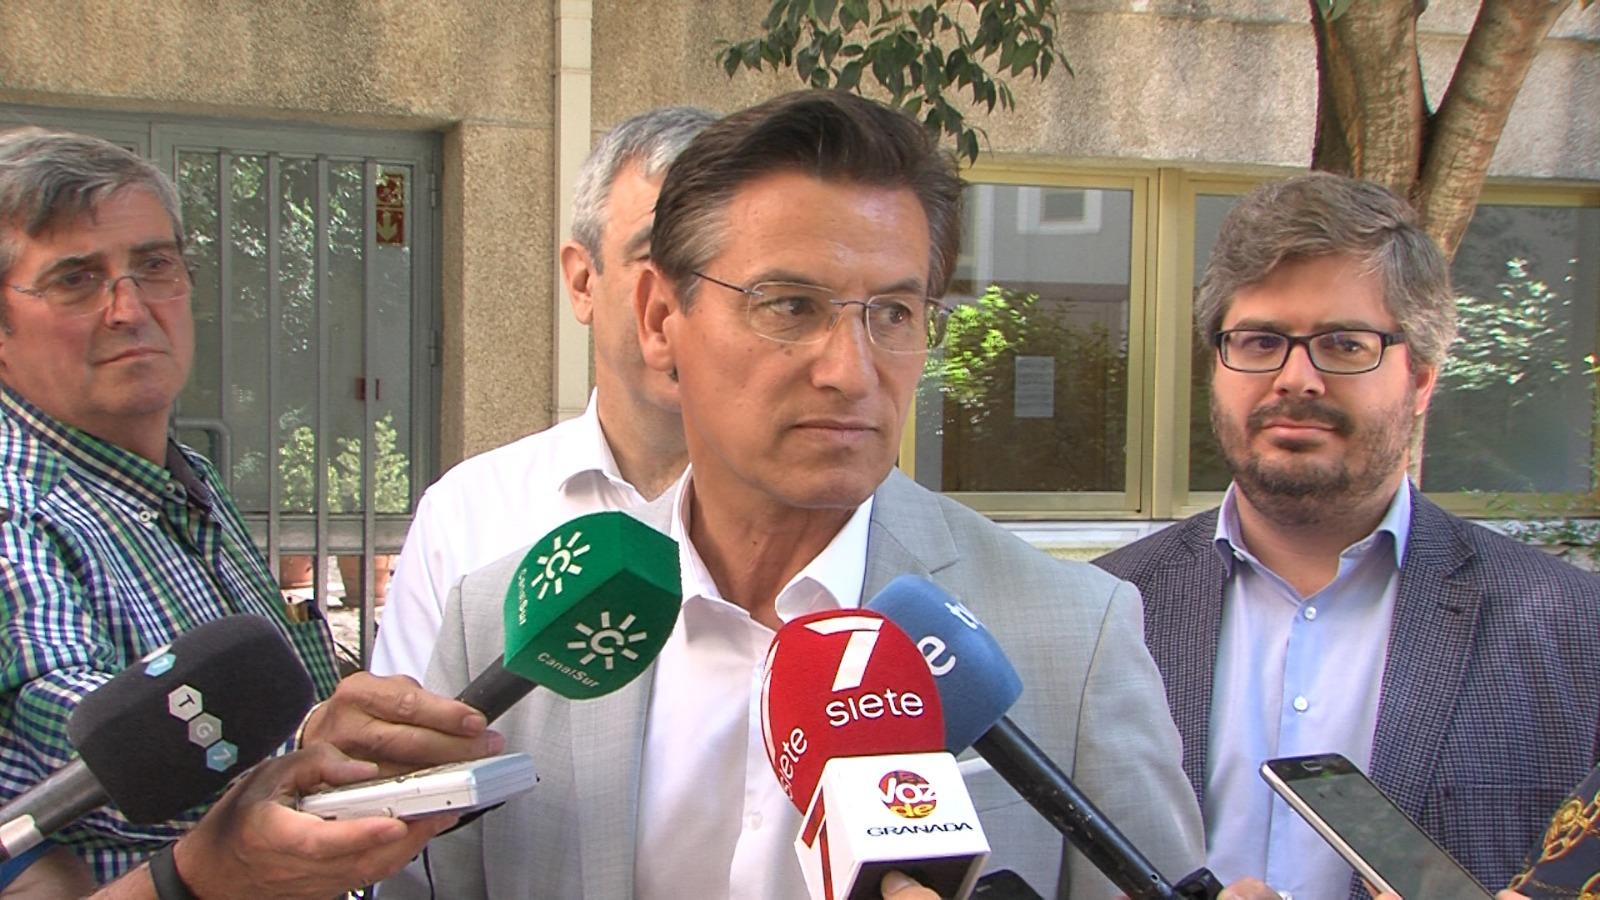 #26M: Ciudadanos negociará el gobierno de la ciudad con el partido que proponga la comisión negociadora nacional de su formación